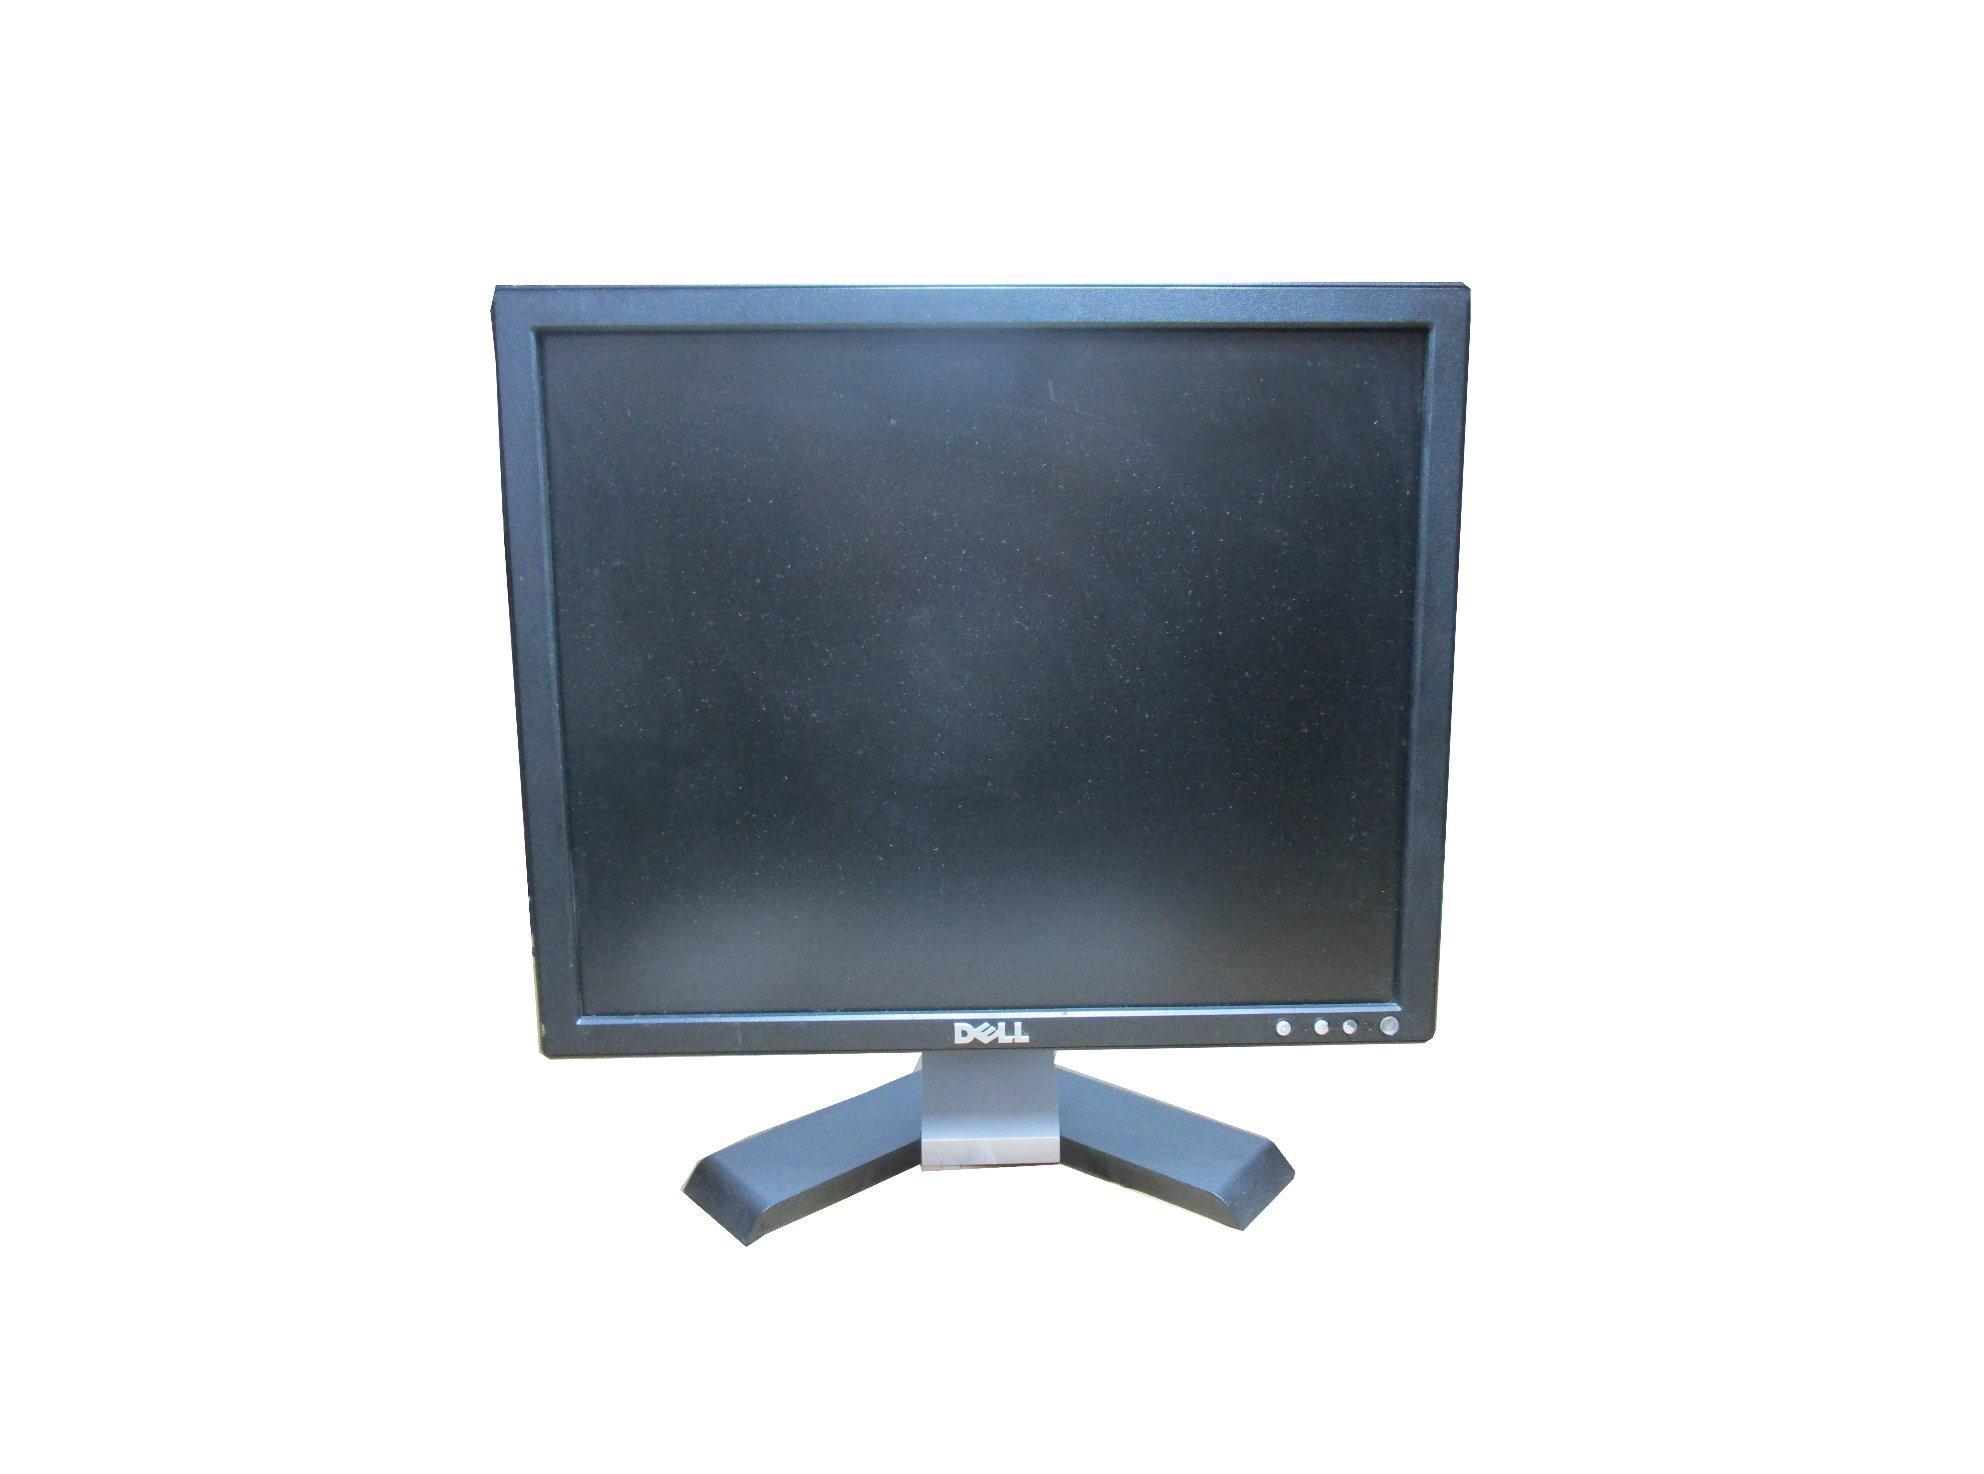 ★綠光能Outlet★ DELL E177FPb 17吋 LCD Flat Panel Monitor